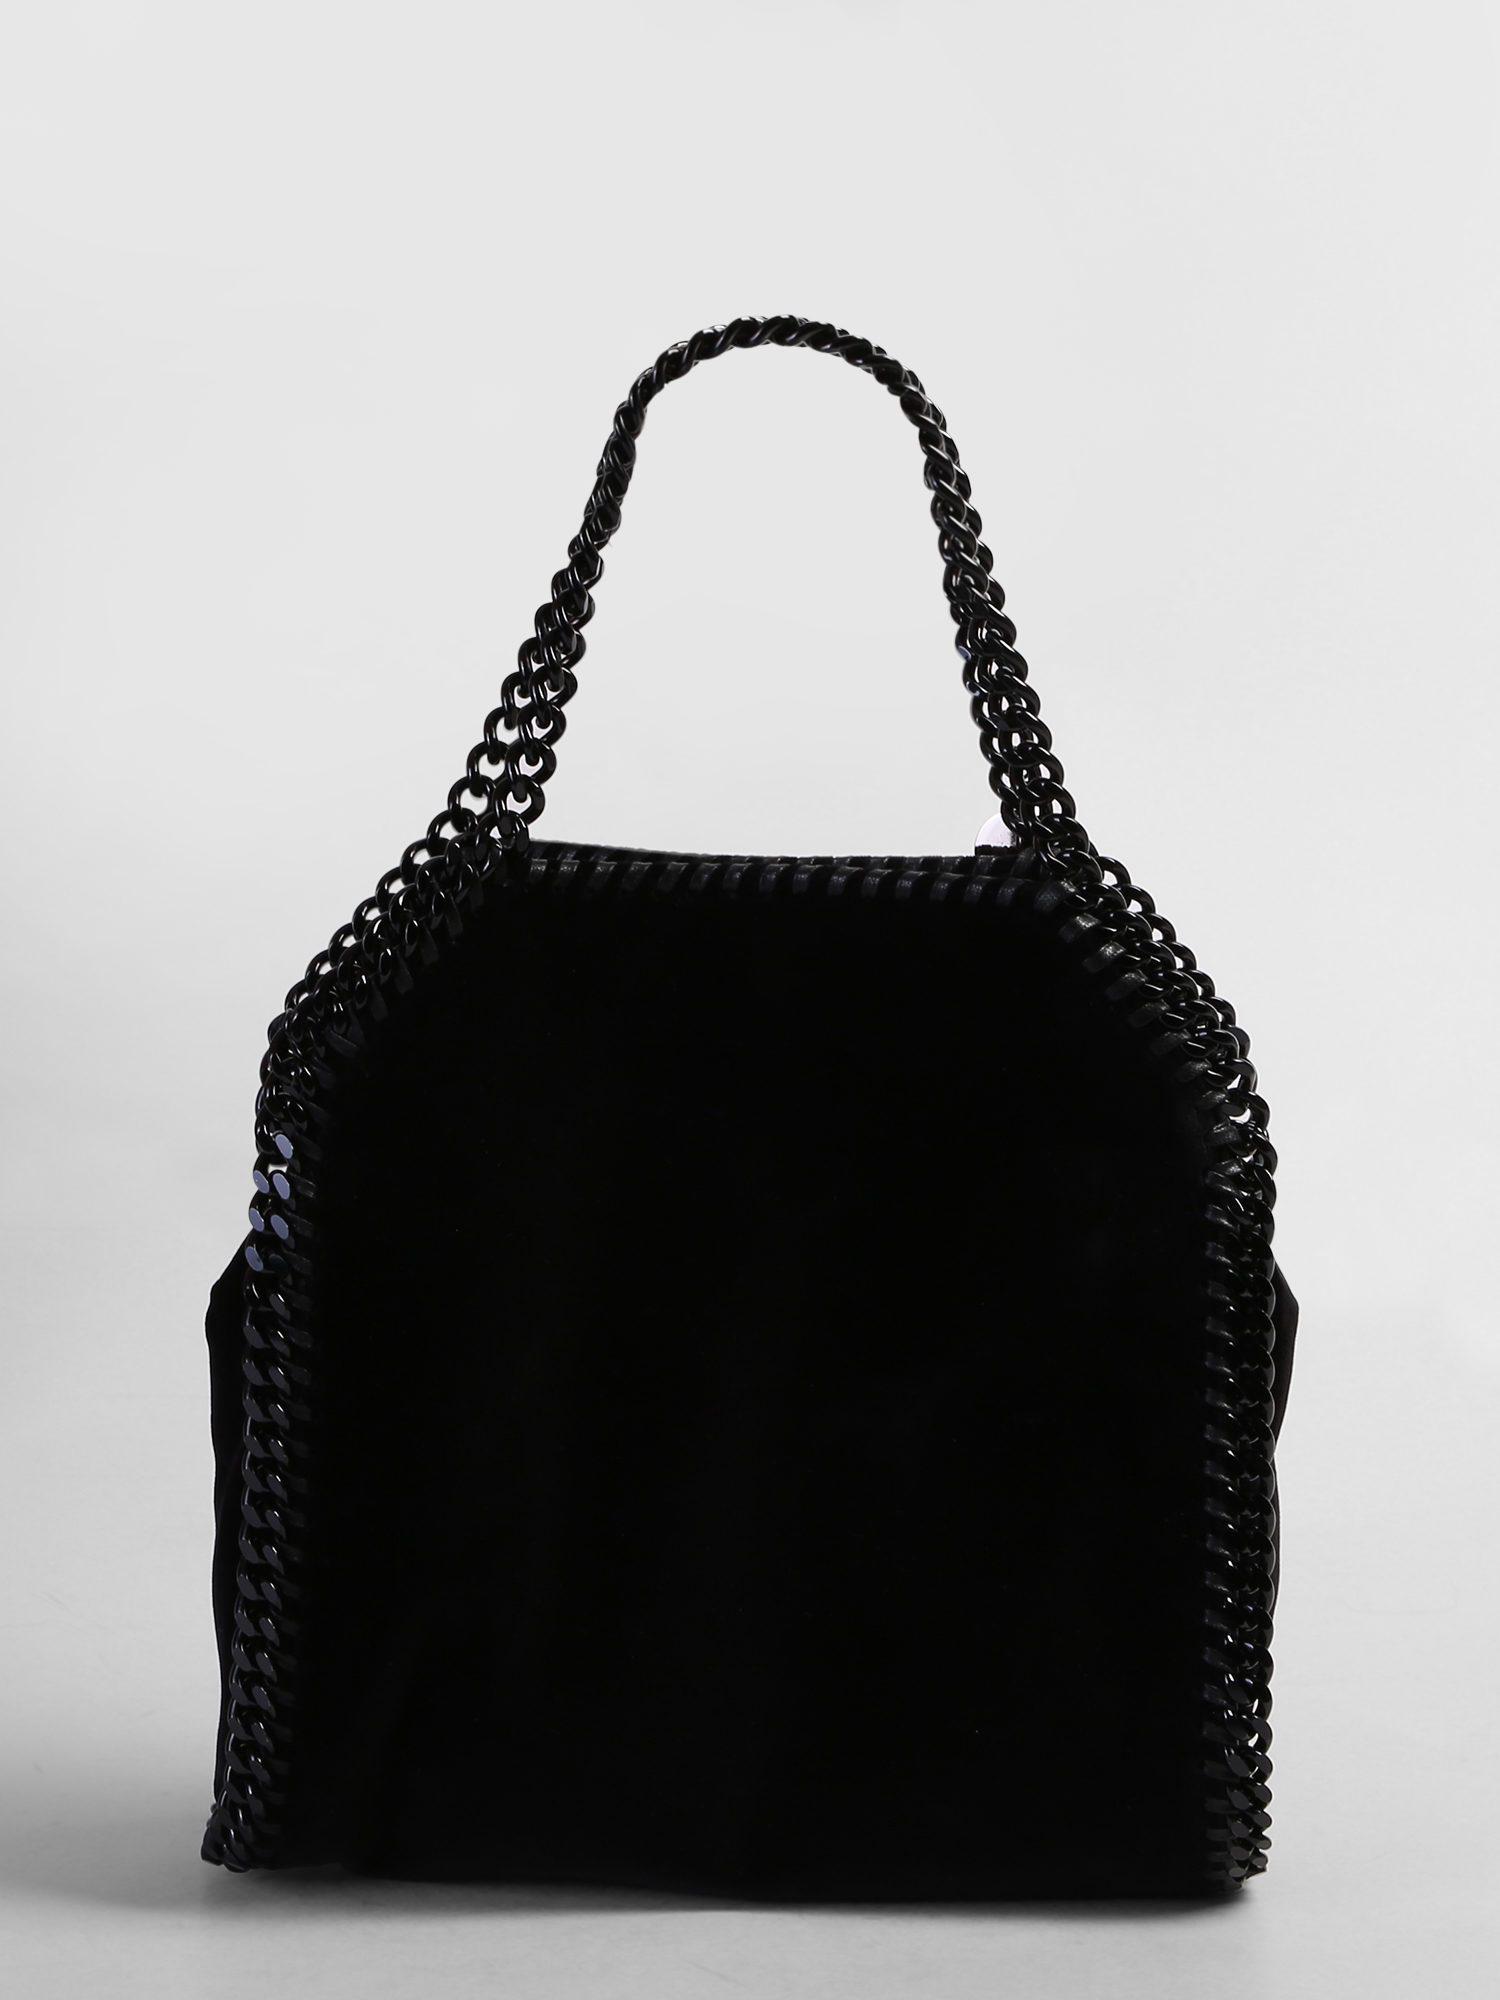 Stella McCartney Synthetic Black Chain Mini Tote Falabella